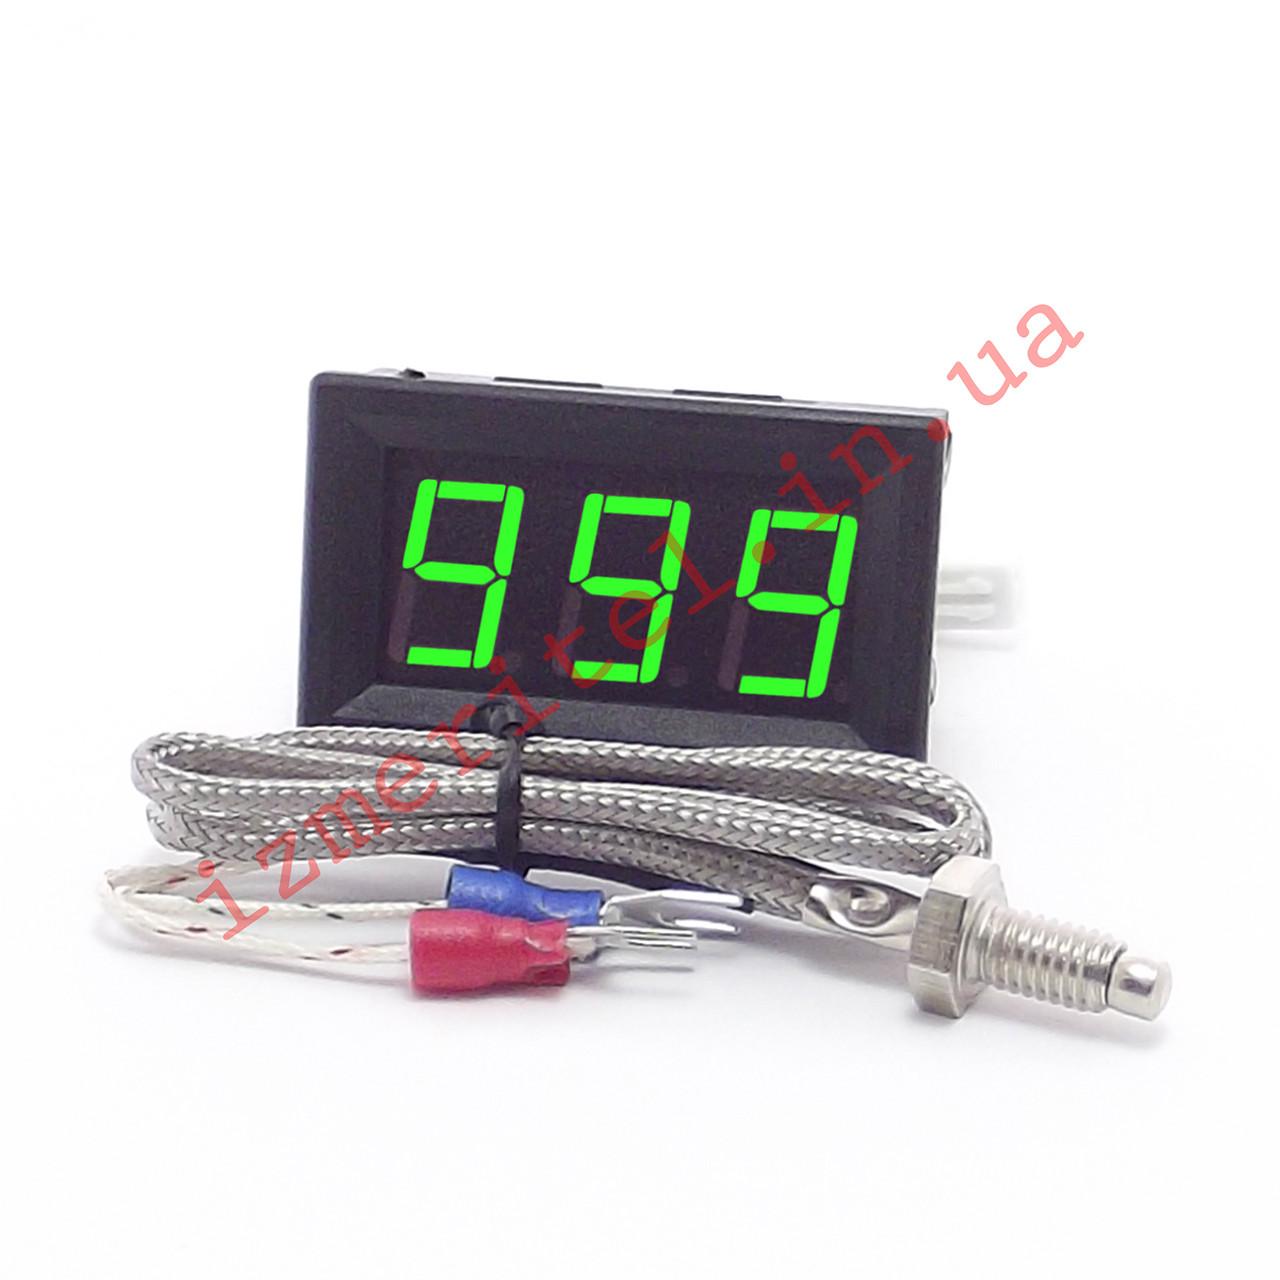 Высокотемпературный цифровой термометр с выносным датчиком -60...999 °C